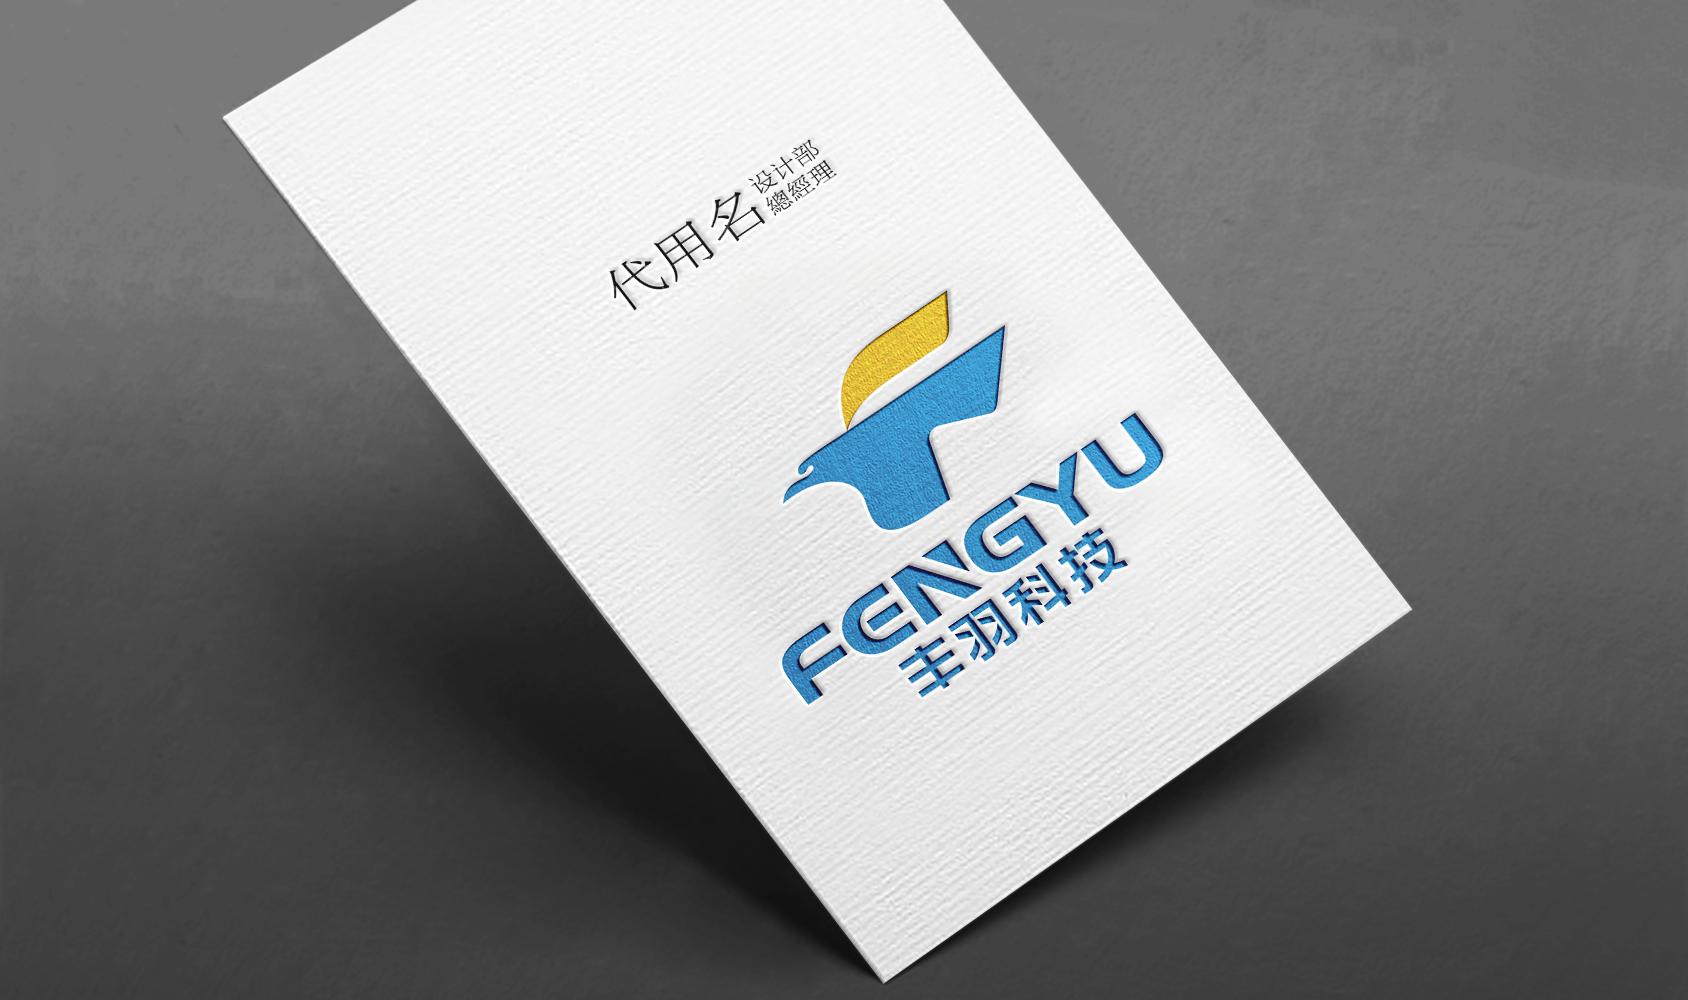 商标logo设计(内容有补充3.23)_3036688_k68威客网